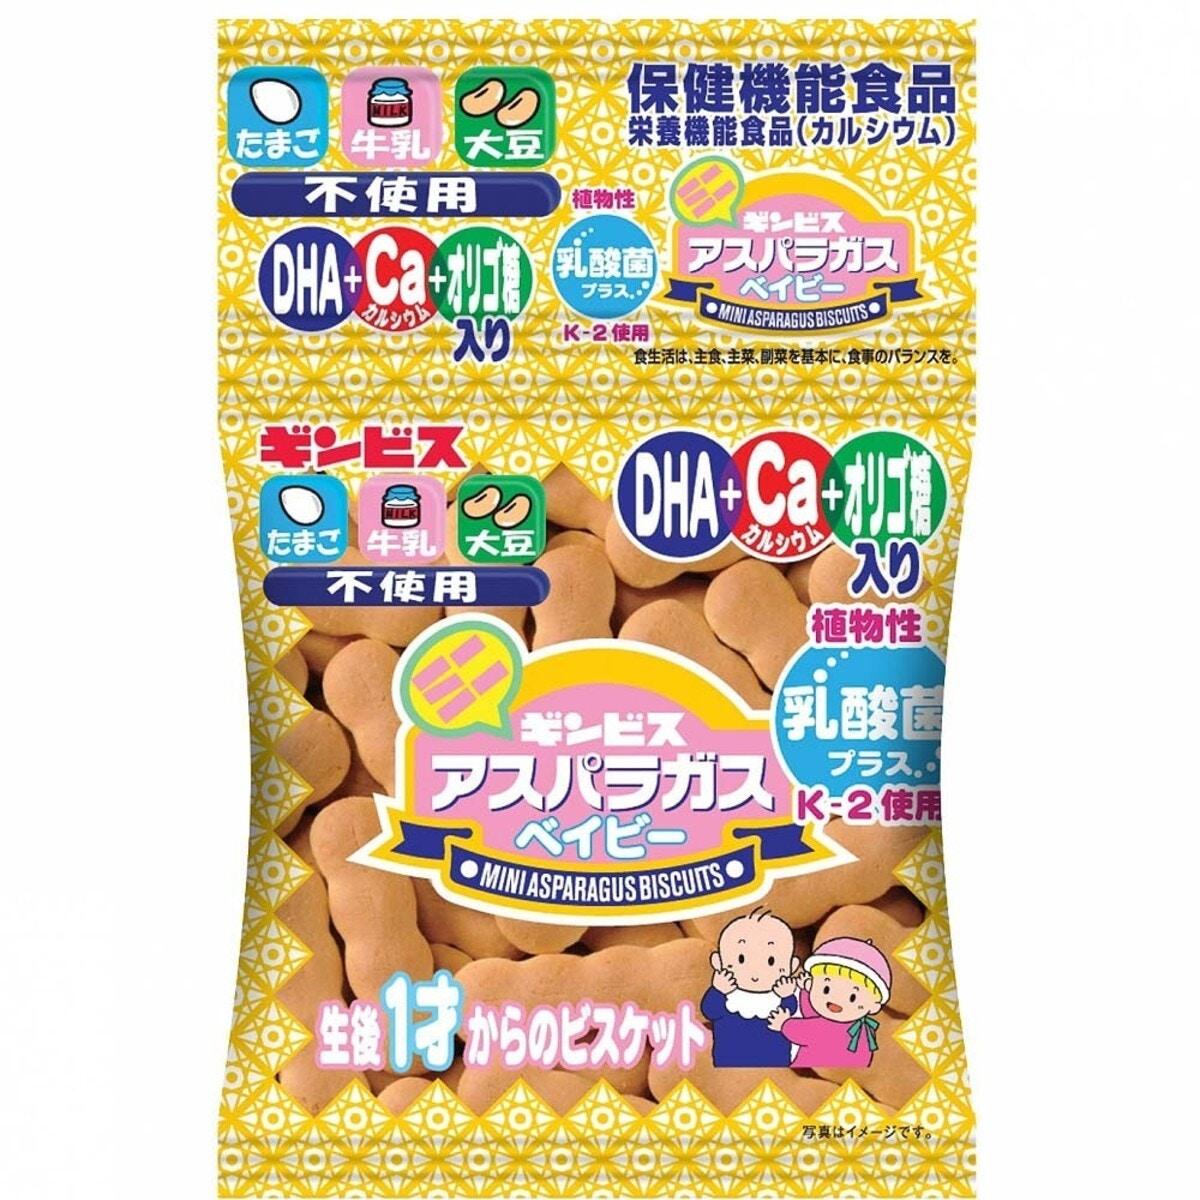 ミニアスパラガス ベイビー 乳酸菌プラス 4連【お菓子】